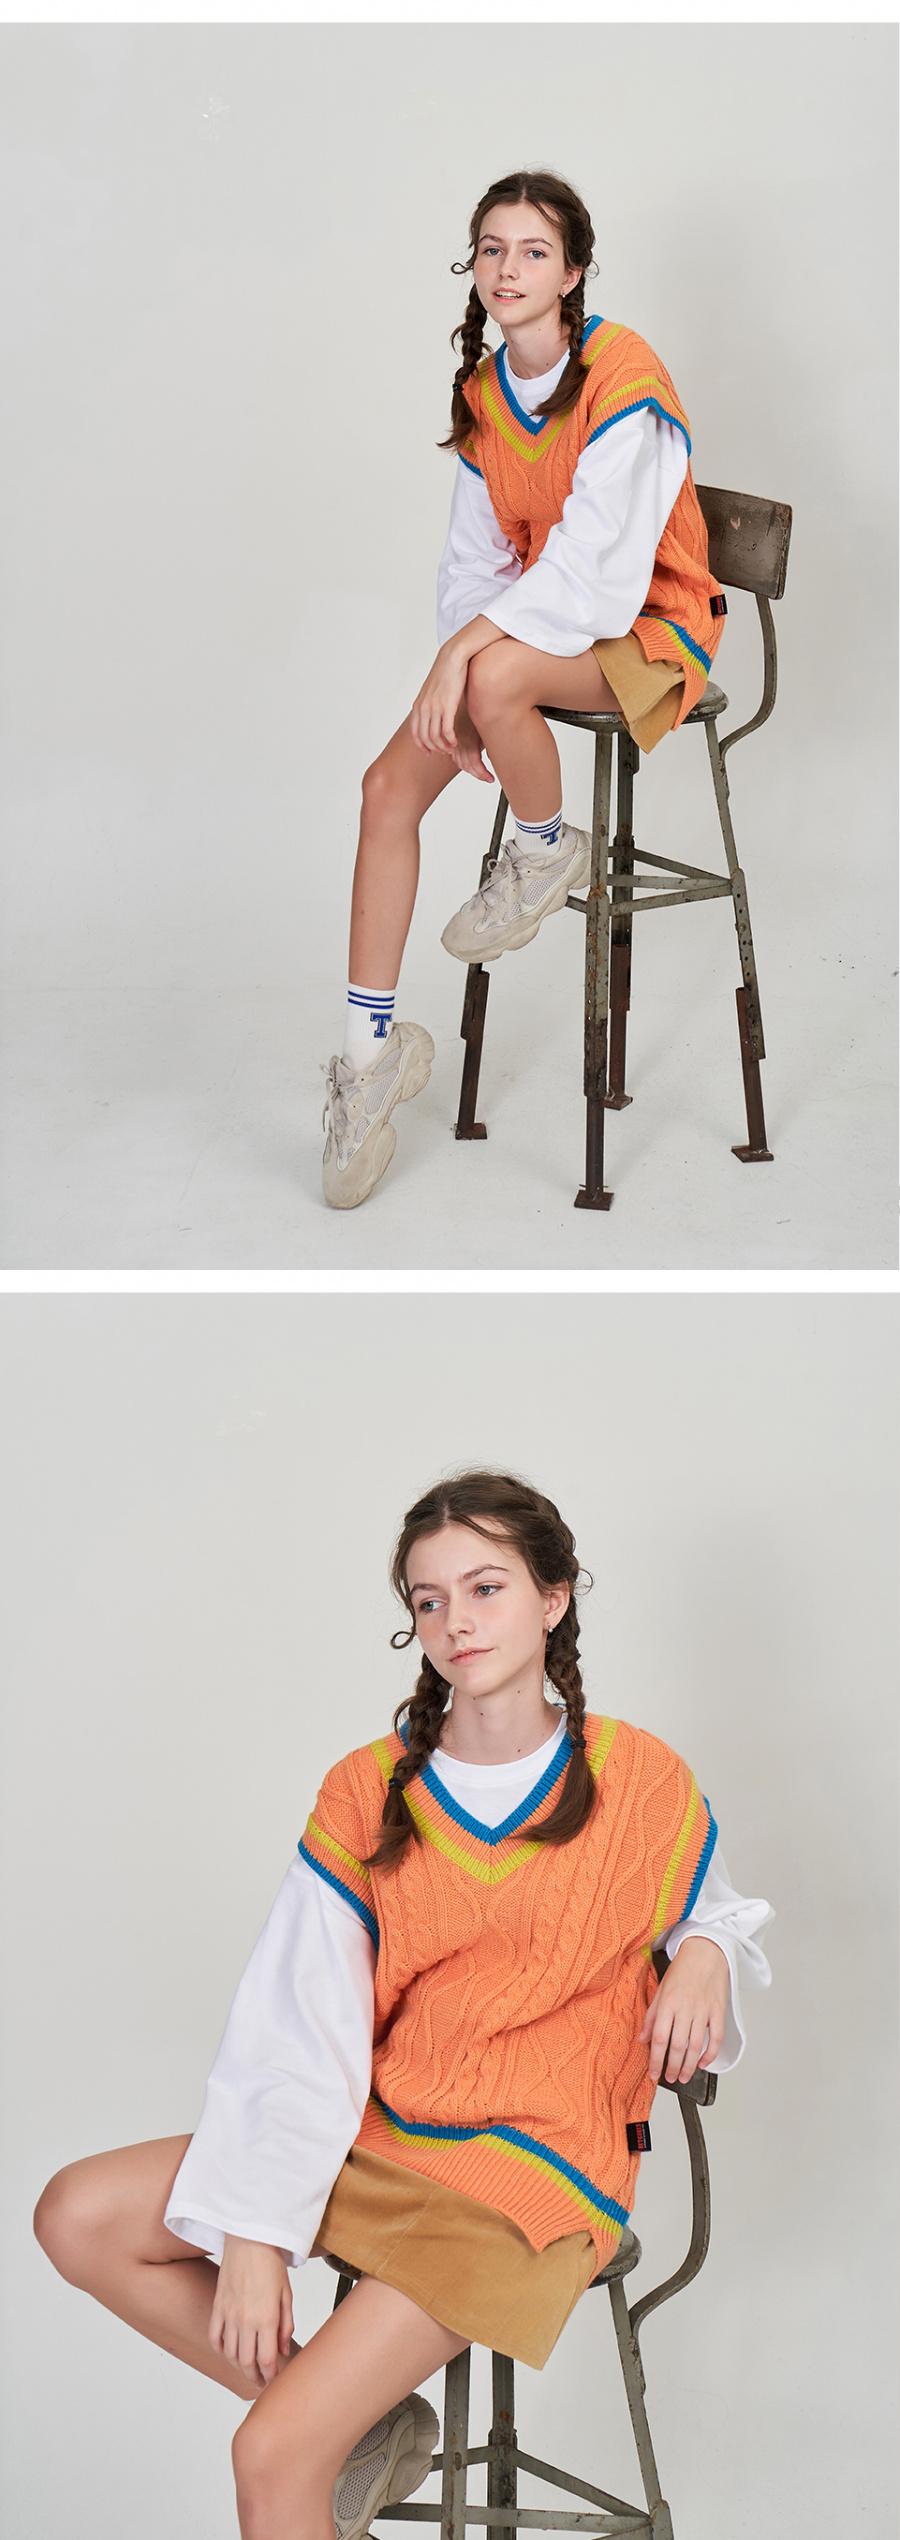 벳규어스(BETGURES) [UNISEX] 프레피 꽈배기 브이넥 언발 트임 베스트 니트 조끼 오렌지